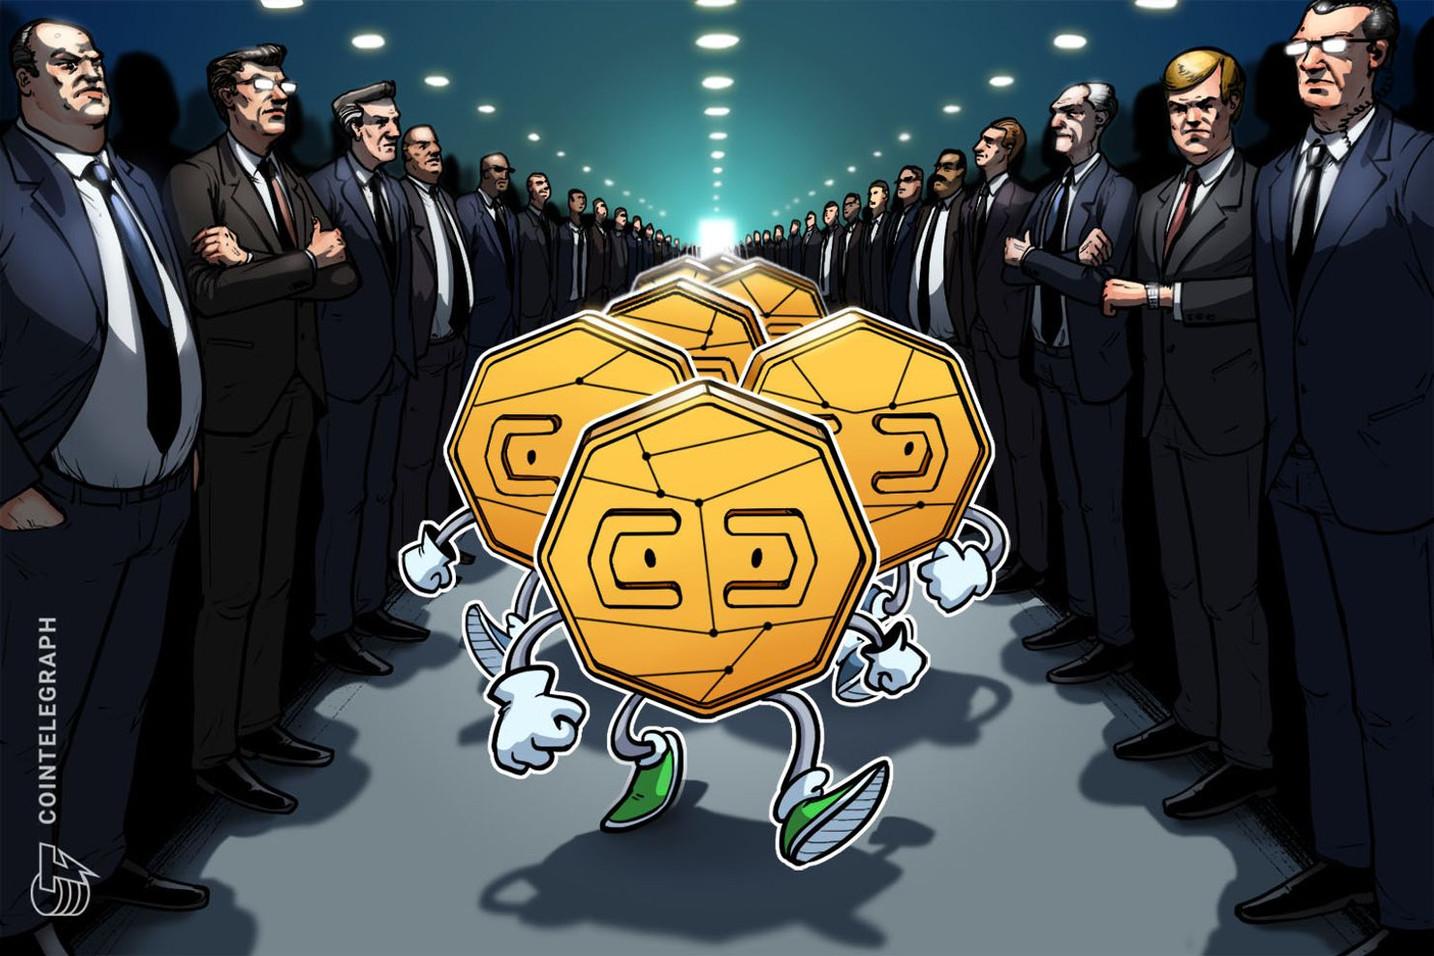 「未熟なビットコインと仮想通貨を規制せよ」=英議会下院